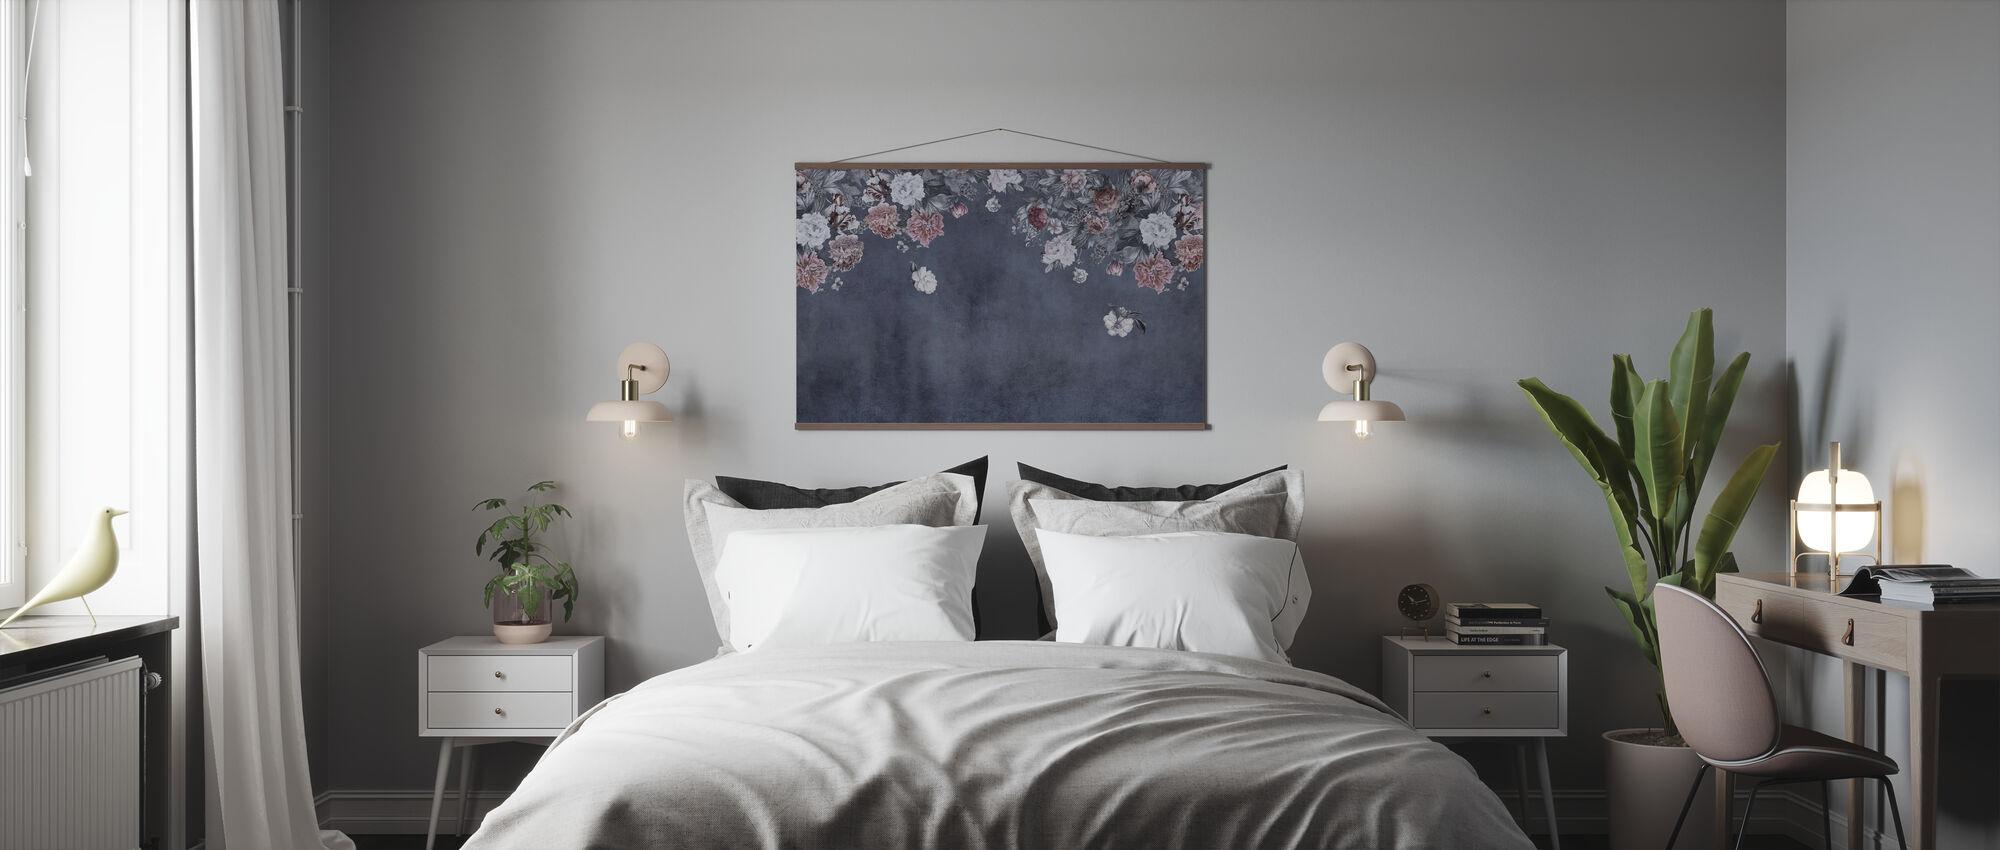 Mur Fleur Vintage - Bleu - Affiche - Chambre